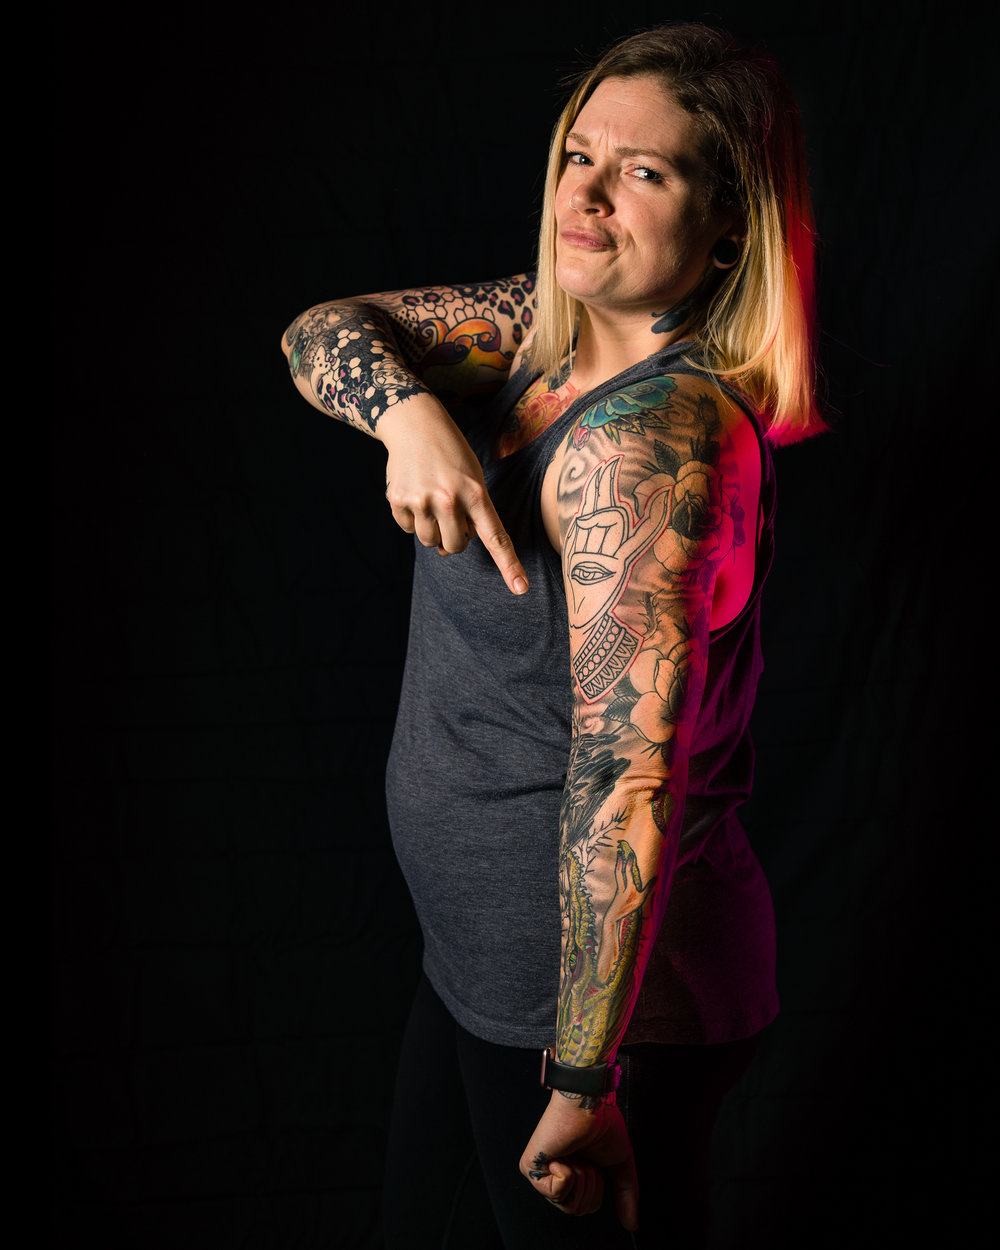 Stephanie Hanna, Badass of Self-Love